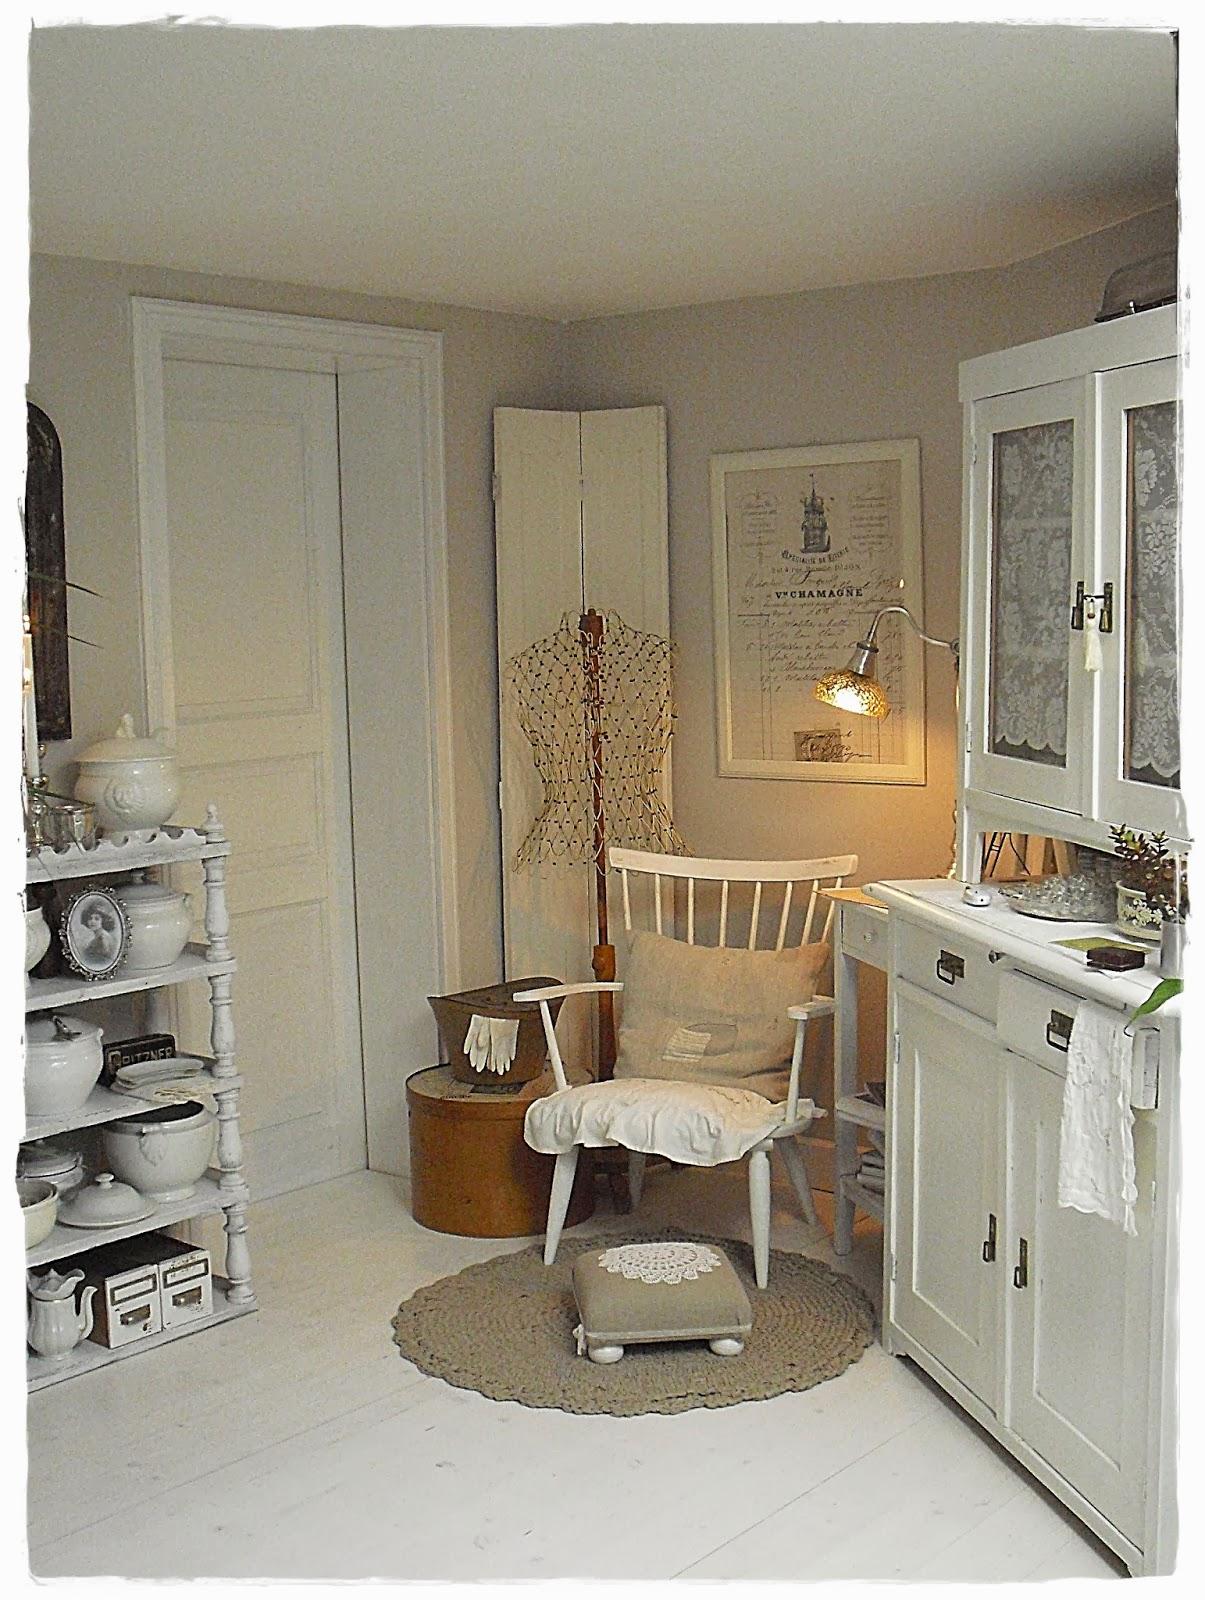 Shabby landhaus: vorher nachher....wohnzimmer.....